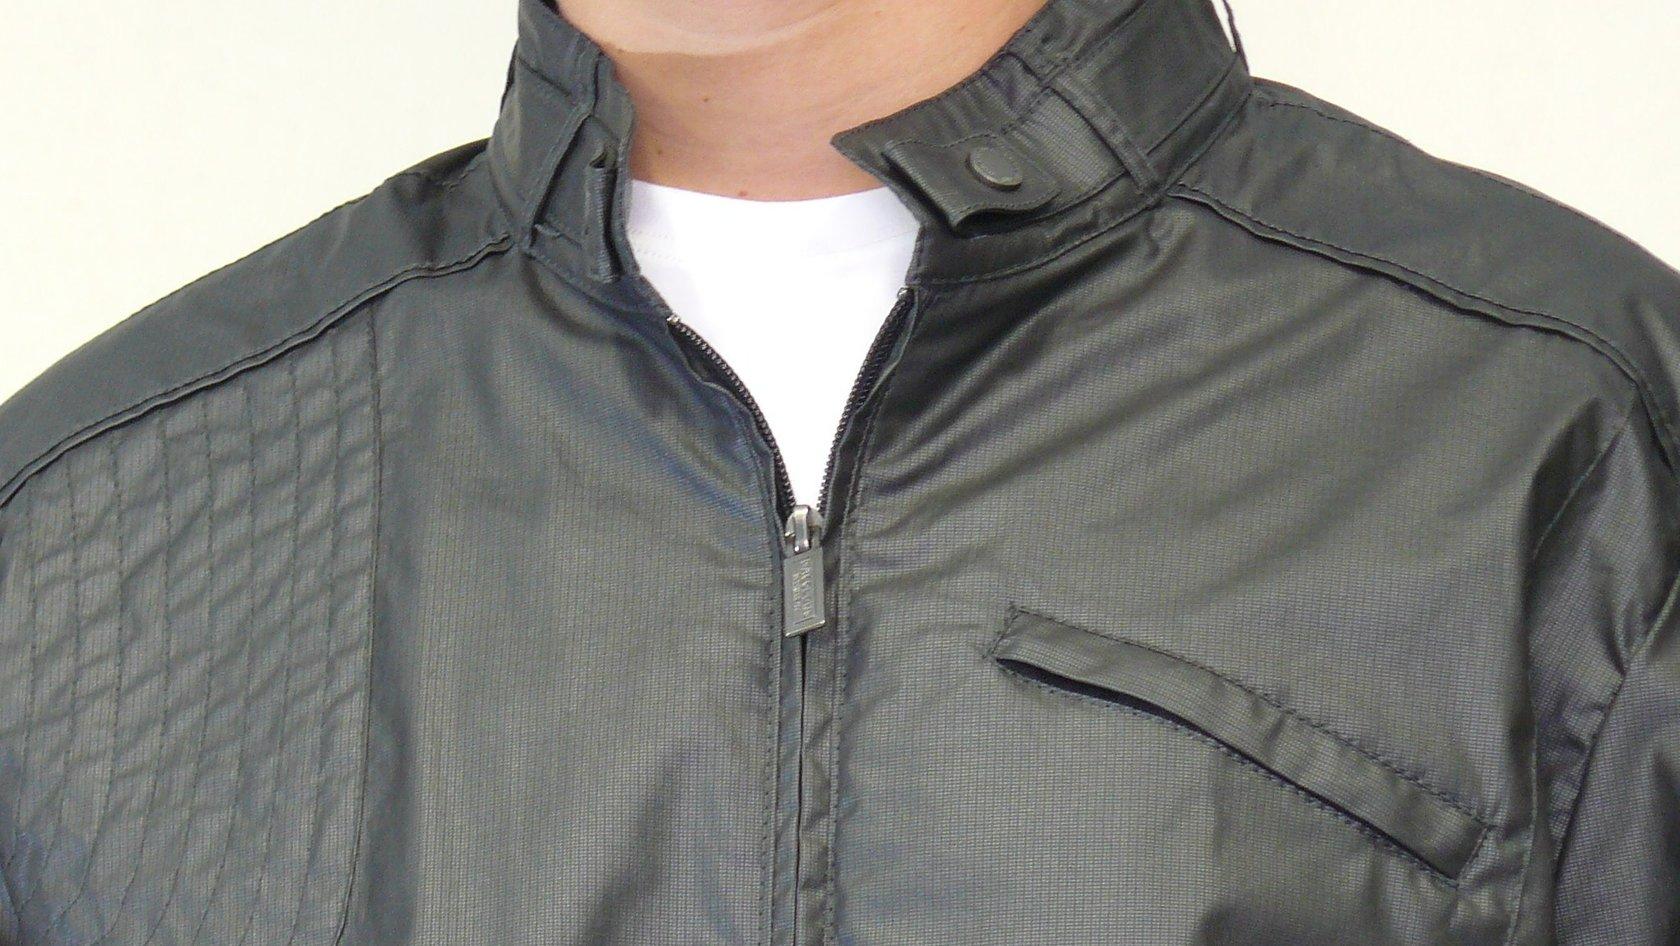 6ed20a2a31657 Chaqueta Sport Hombre Verano negra 35012 talla M - Bestshopping.es